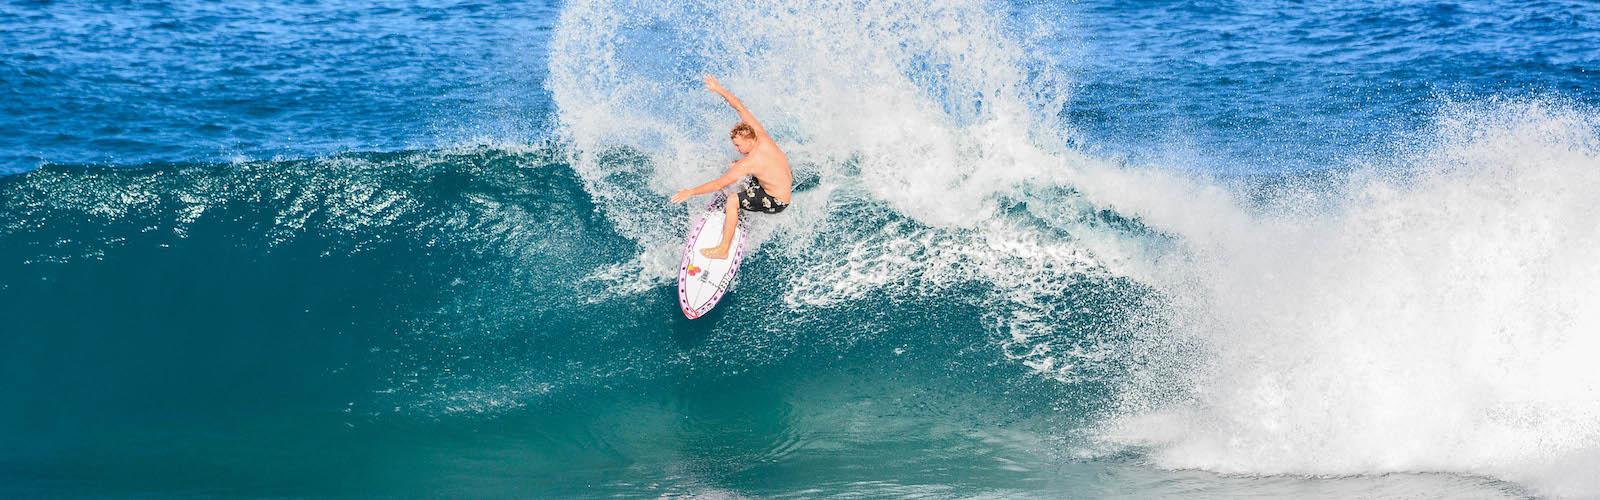 Oahu Surf Spots, Hawaii